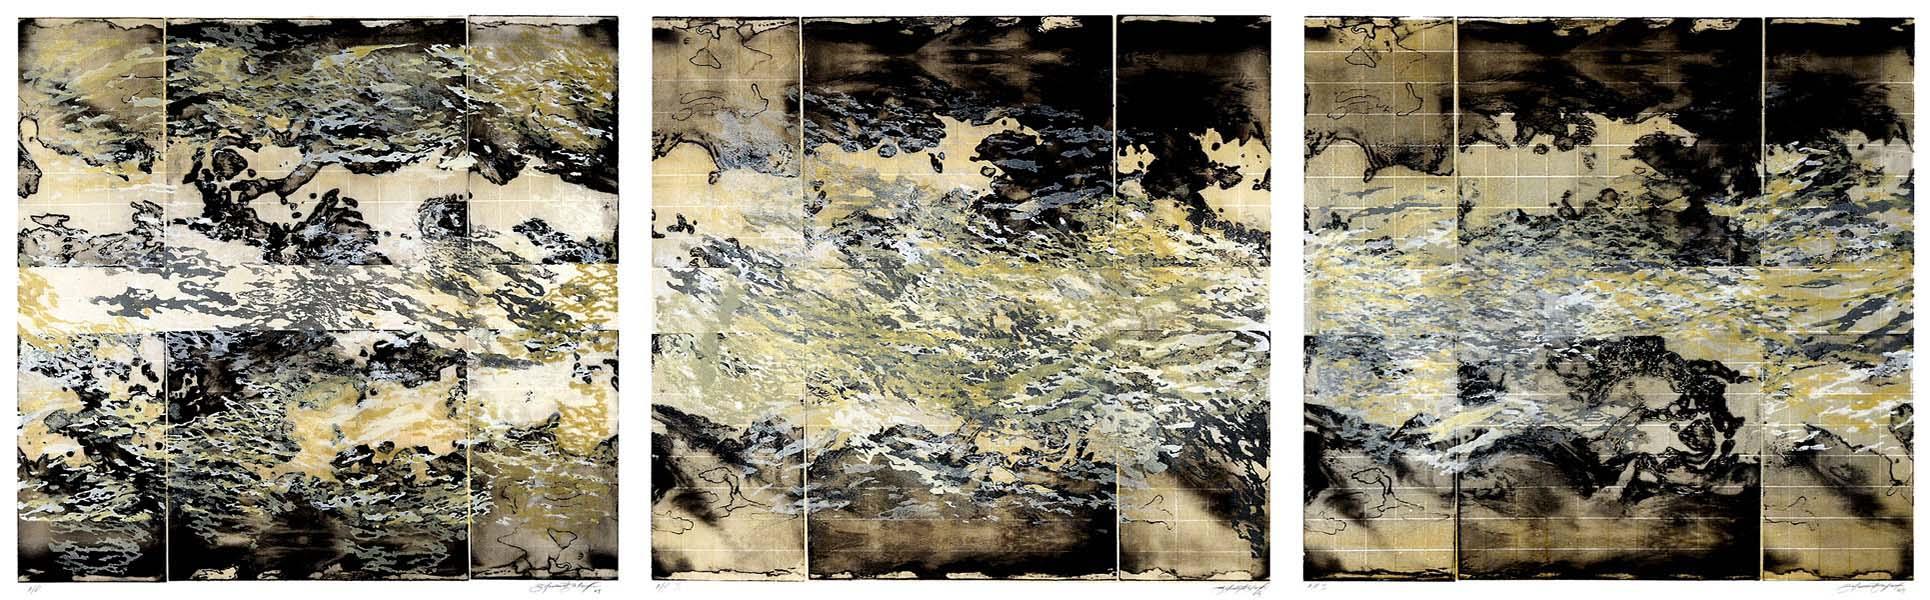 Atmosphere in Gold I,II,III, print